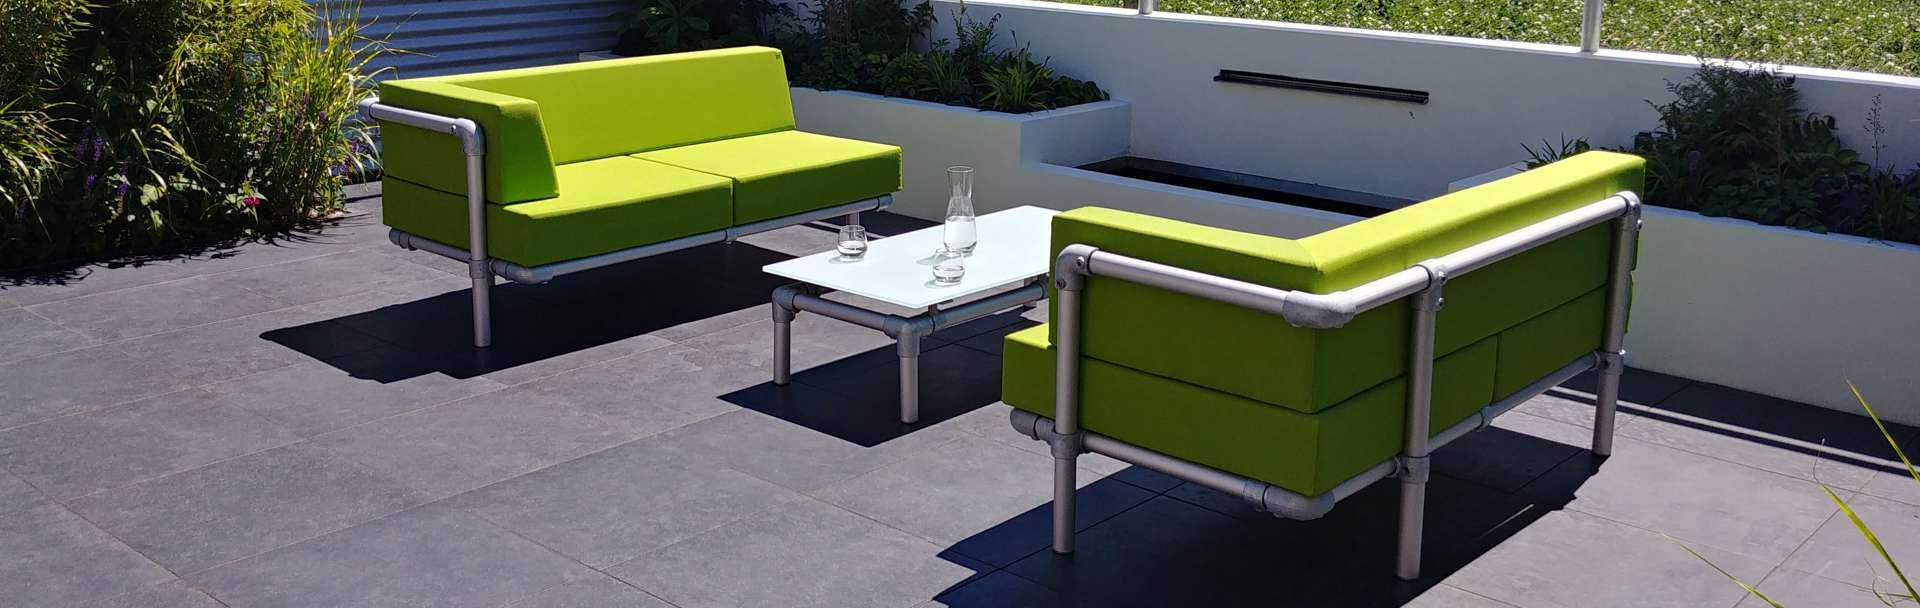 loungebanken op maat voor de tuin